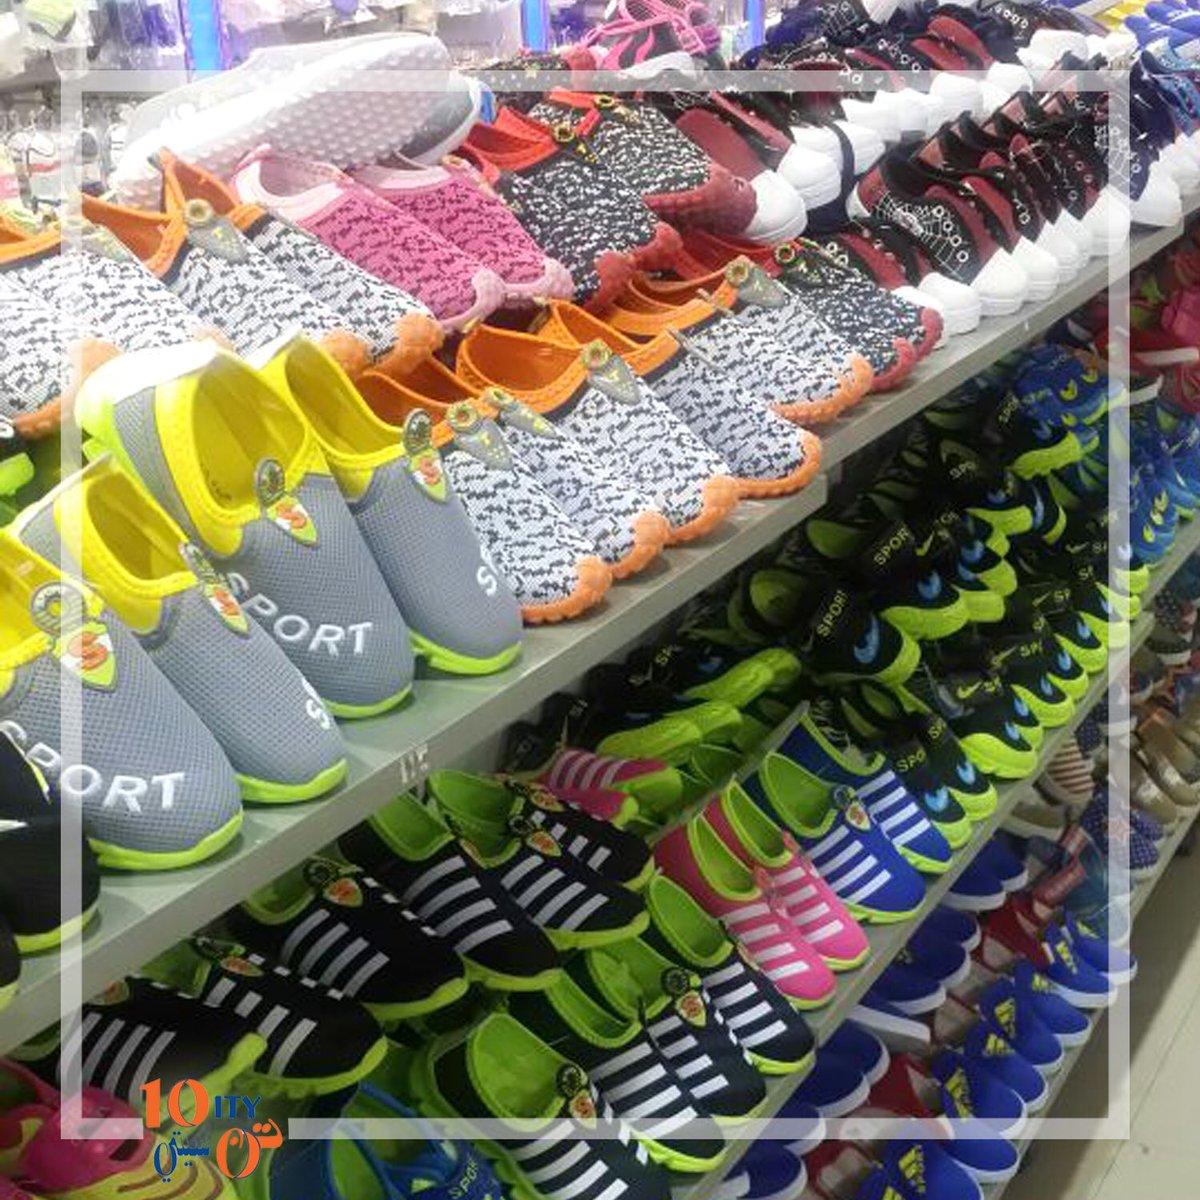 تن سيتي Ten City Auf Twitter احذية متنوعة مريحة لأطفالك فقط بعشرة ريال لدى مراكز تن سيتي محل اذا دخلته تستانس تسوق الرياض مكة